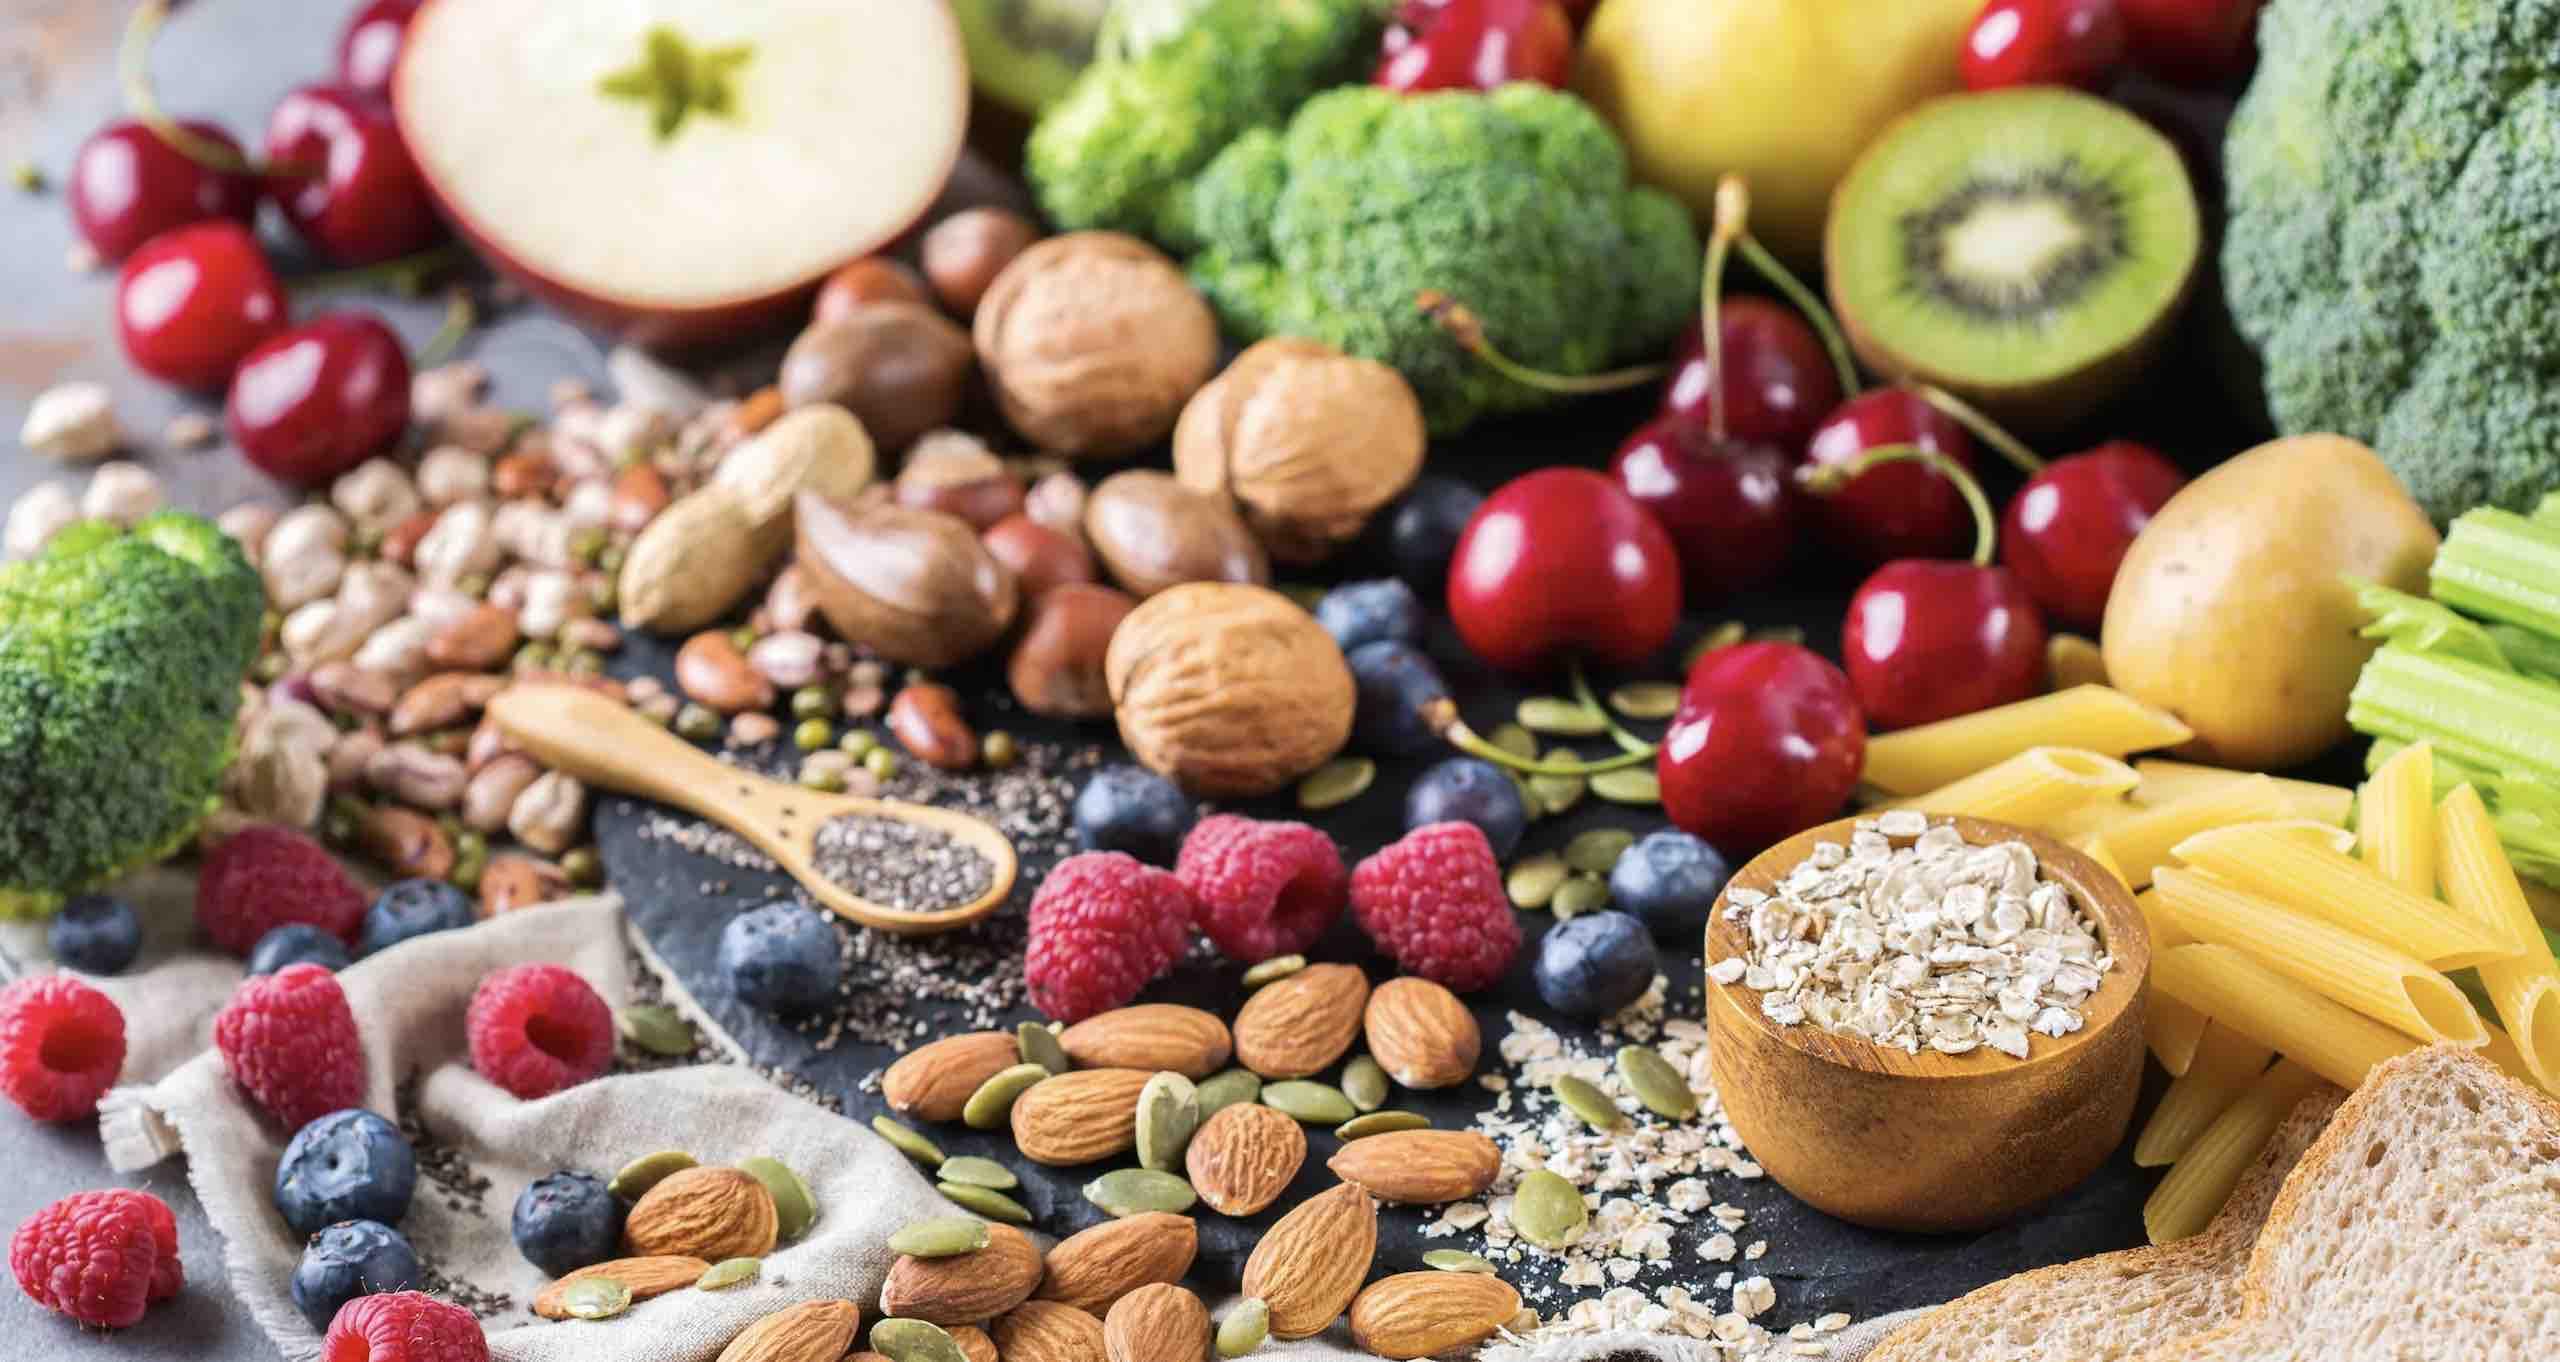 Manger végétal en conservant sa santé - Diet&Cie diététicienne en ligne